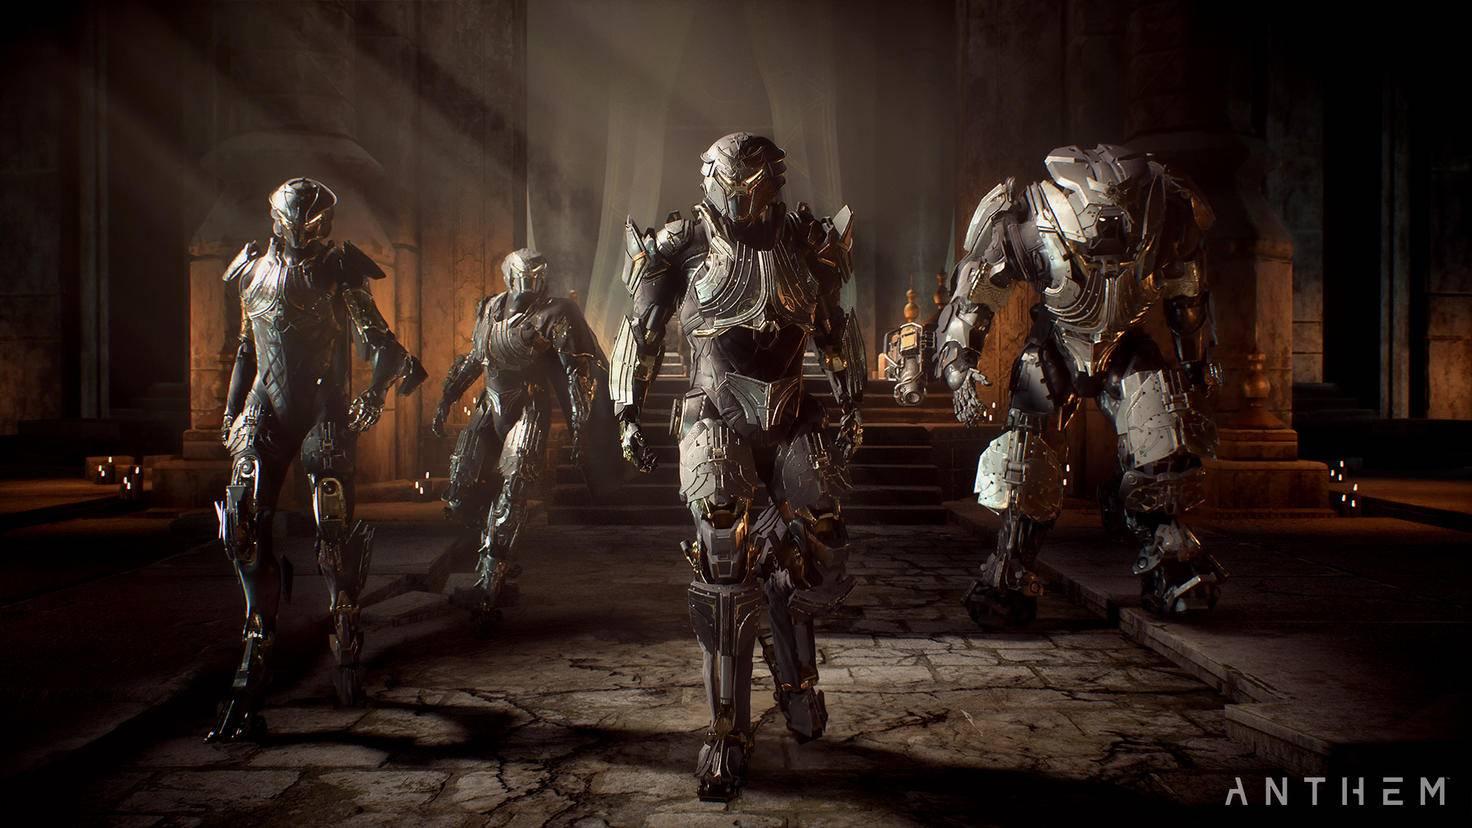 """Die Spezial-Rüstungen der """"Legion der Dämmerung"""" gibt es nur als Teil einer bestimmten Sonderedition von """"Anthem"""". Die Unterschiede zu den Standard-Javelins sind aber rein kosmetisch."""